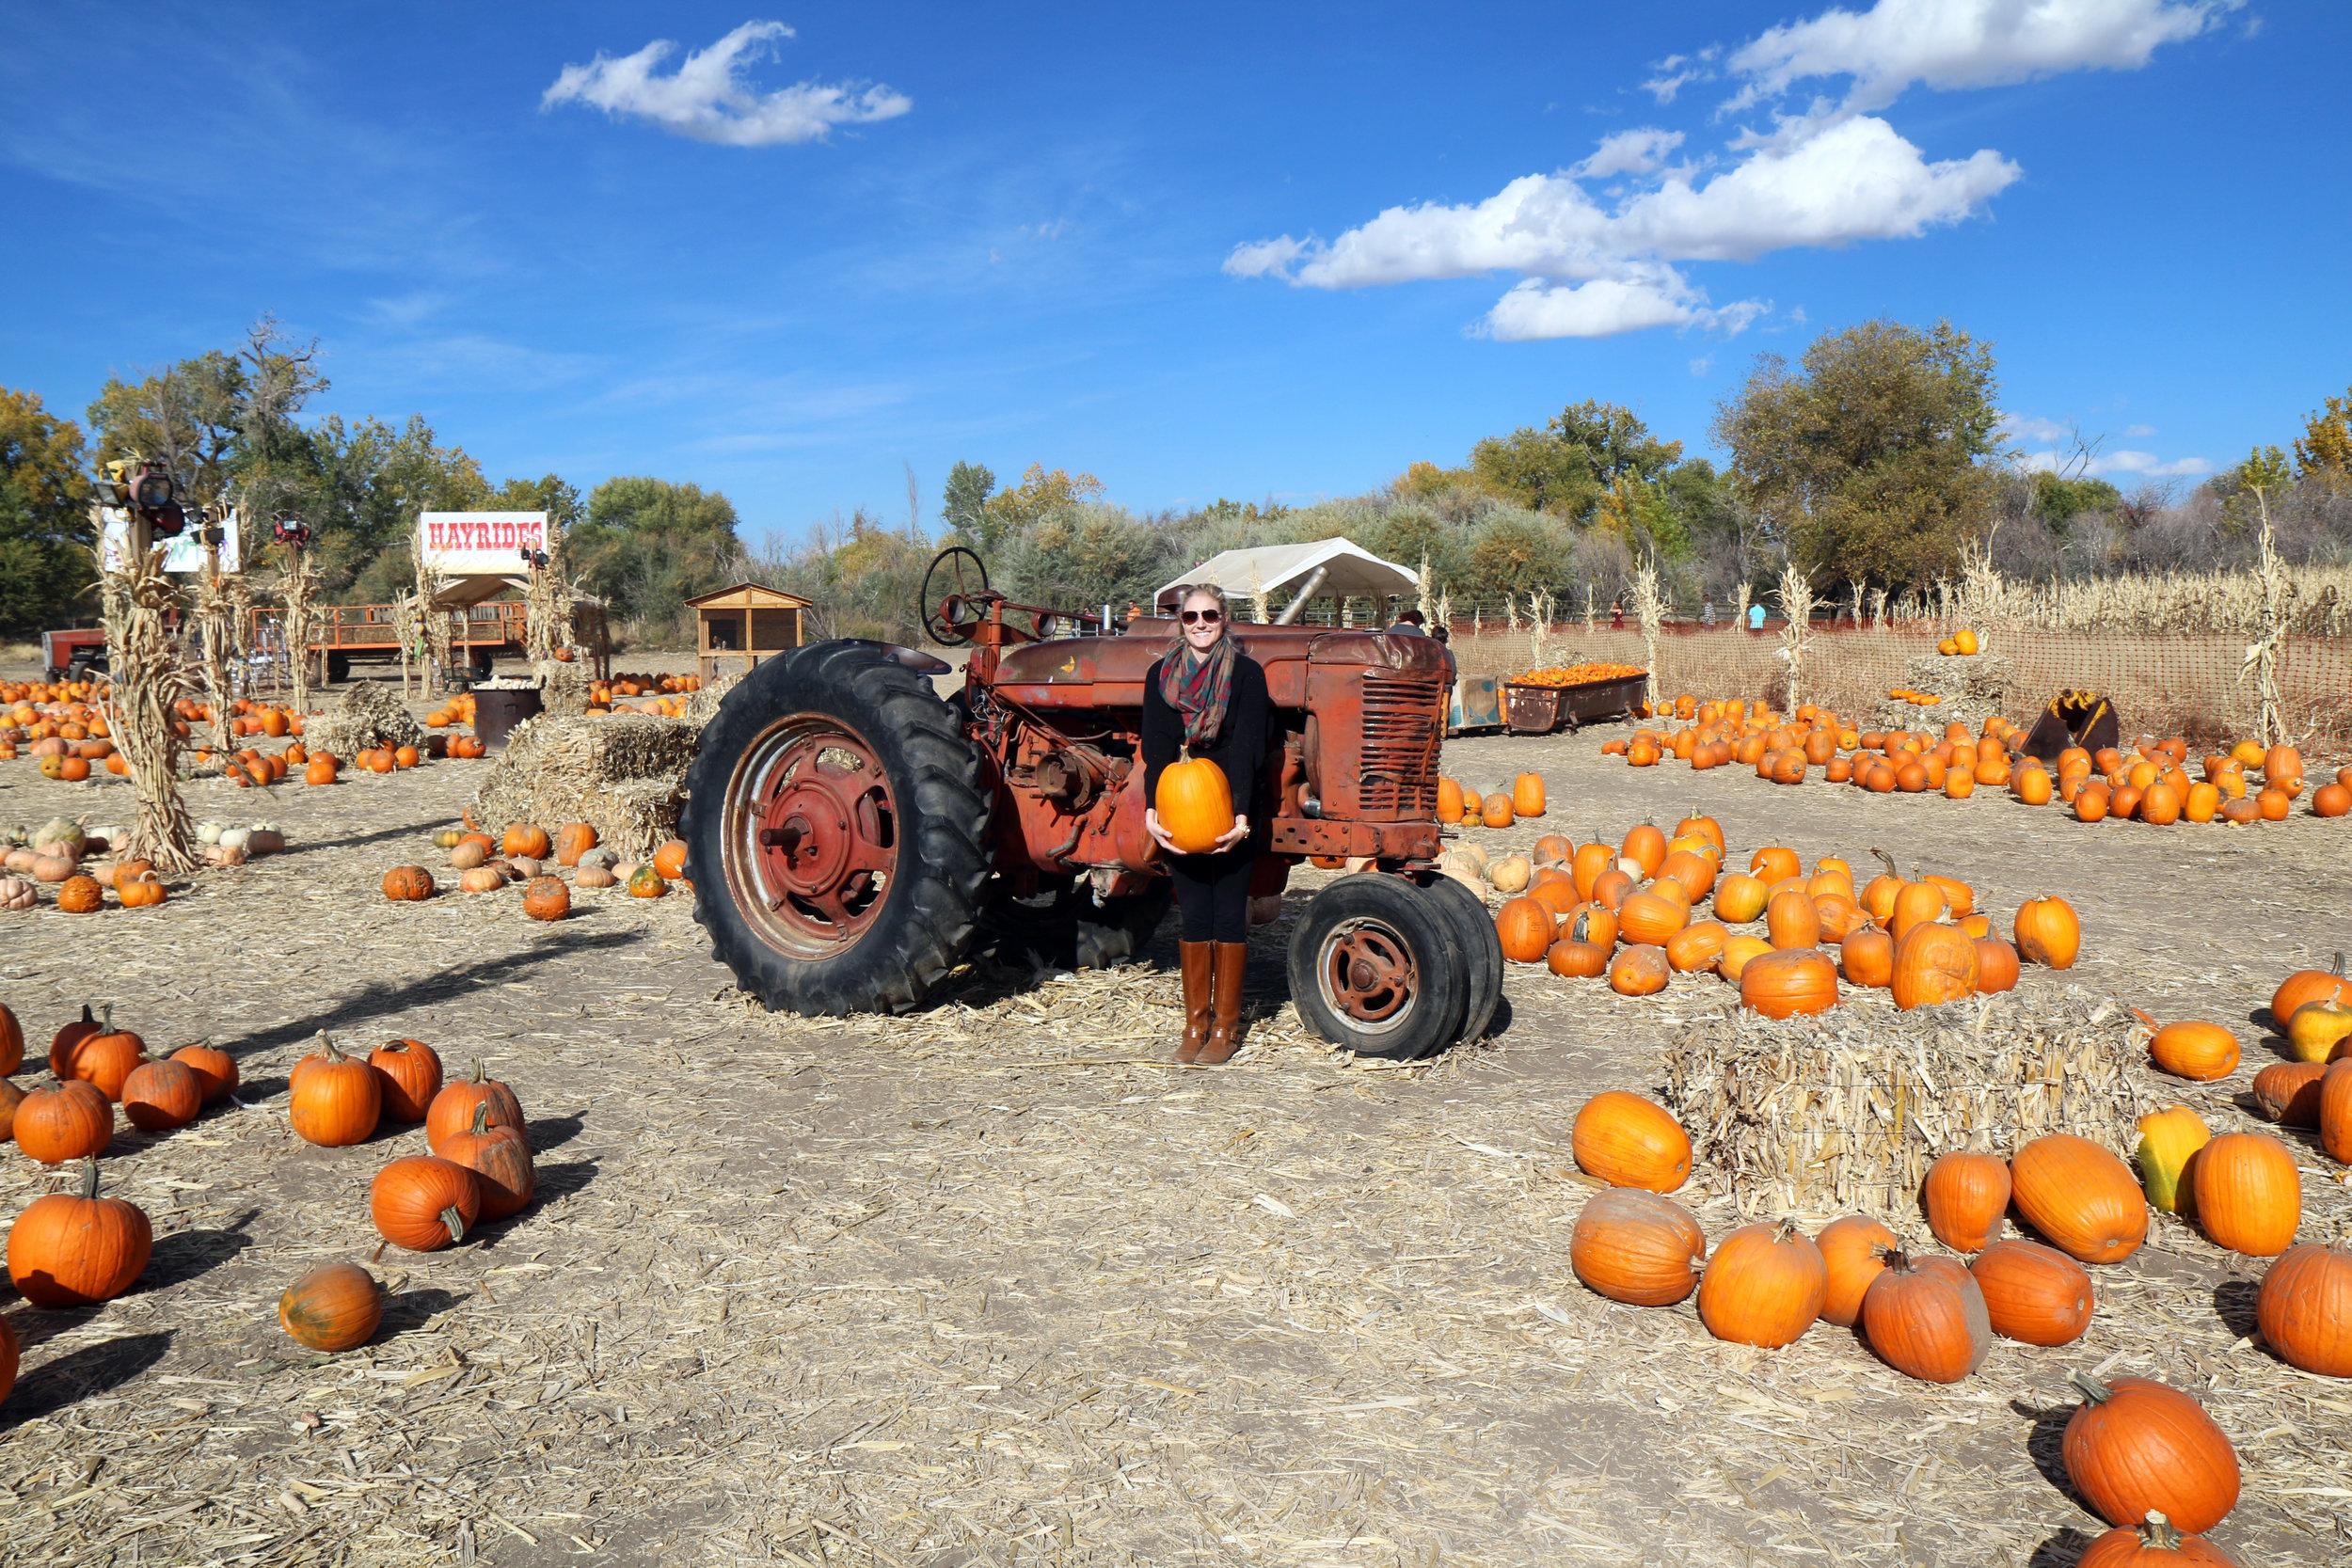 Ferrari Farms Pumpkin Patch in Reno, Nevada. A MUST visit in the fall.